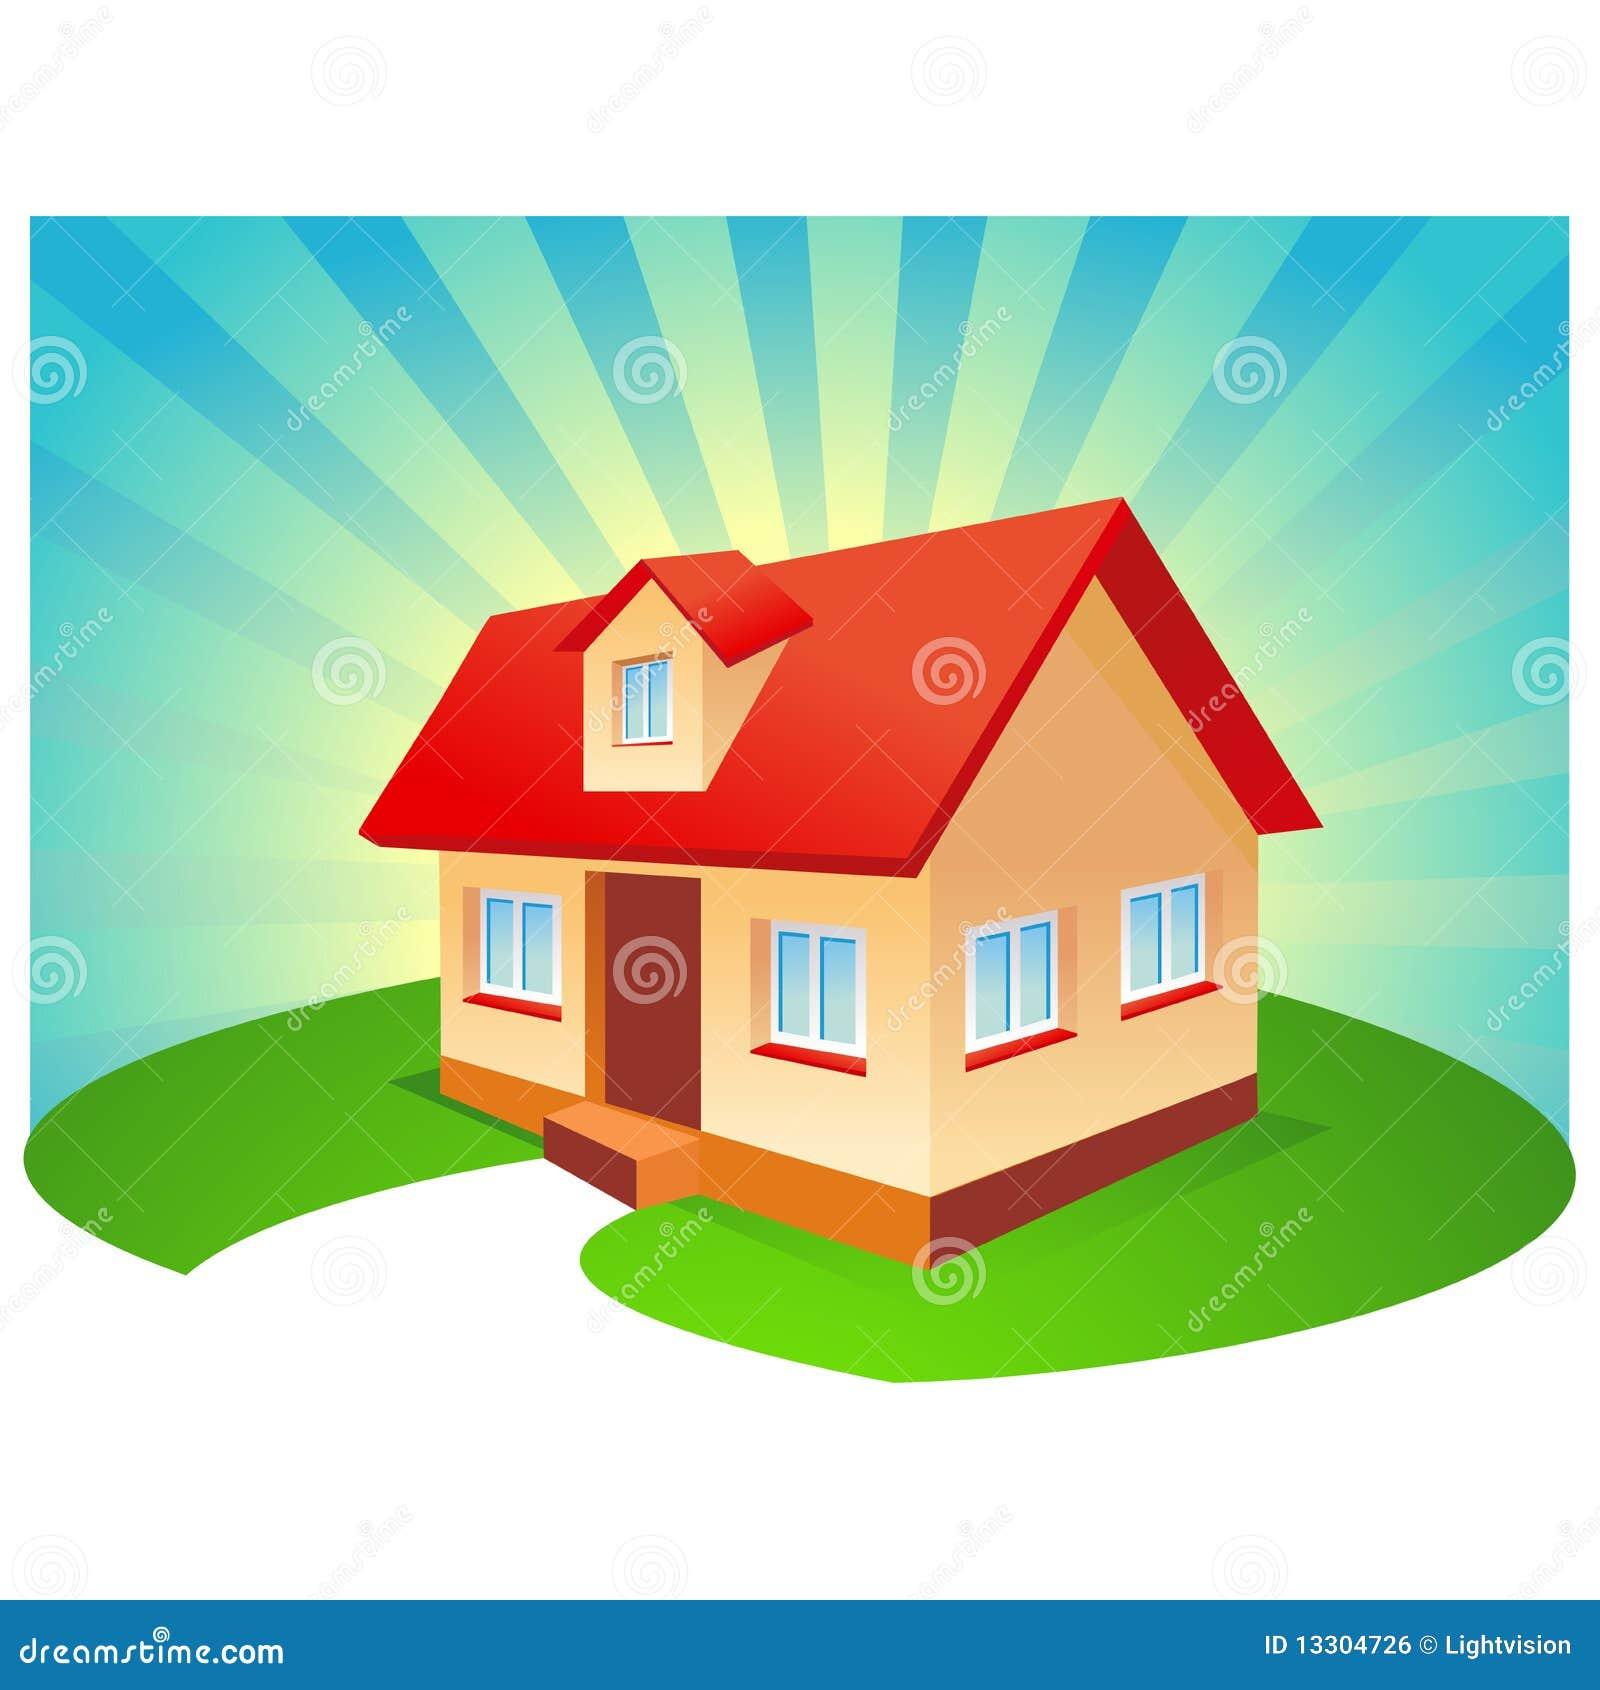 House With Blue Sunburst Background Royalty Free Stock